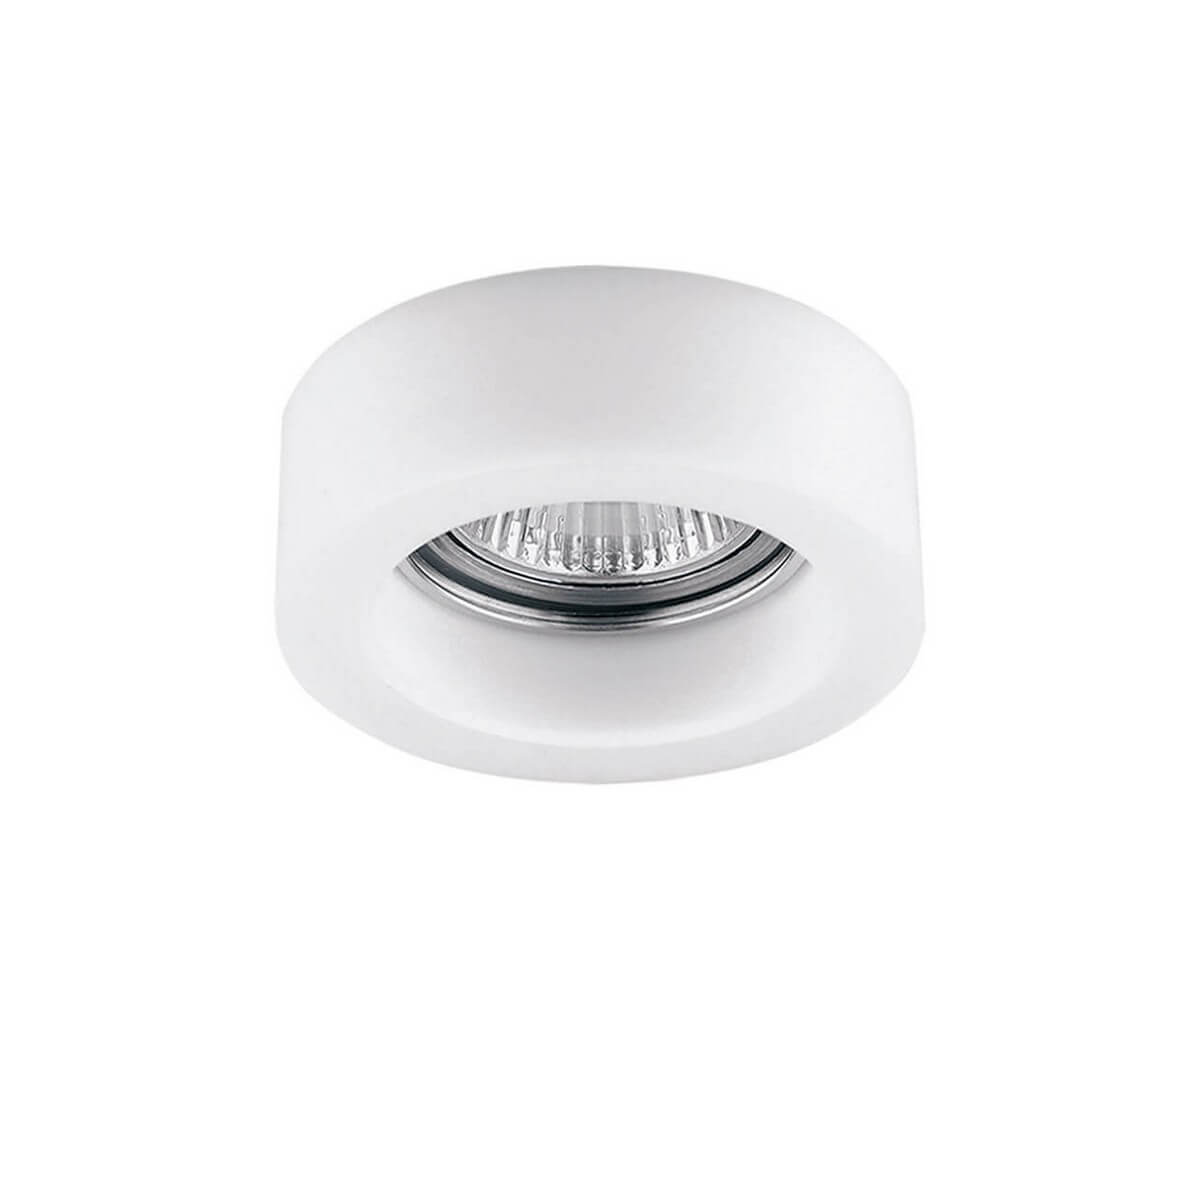 Встраиваемый светильник Lightstar Lei Mini 006136 встраиваемый светильник lightstar lei 006136